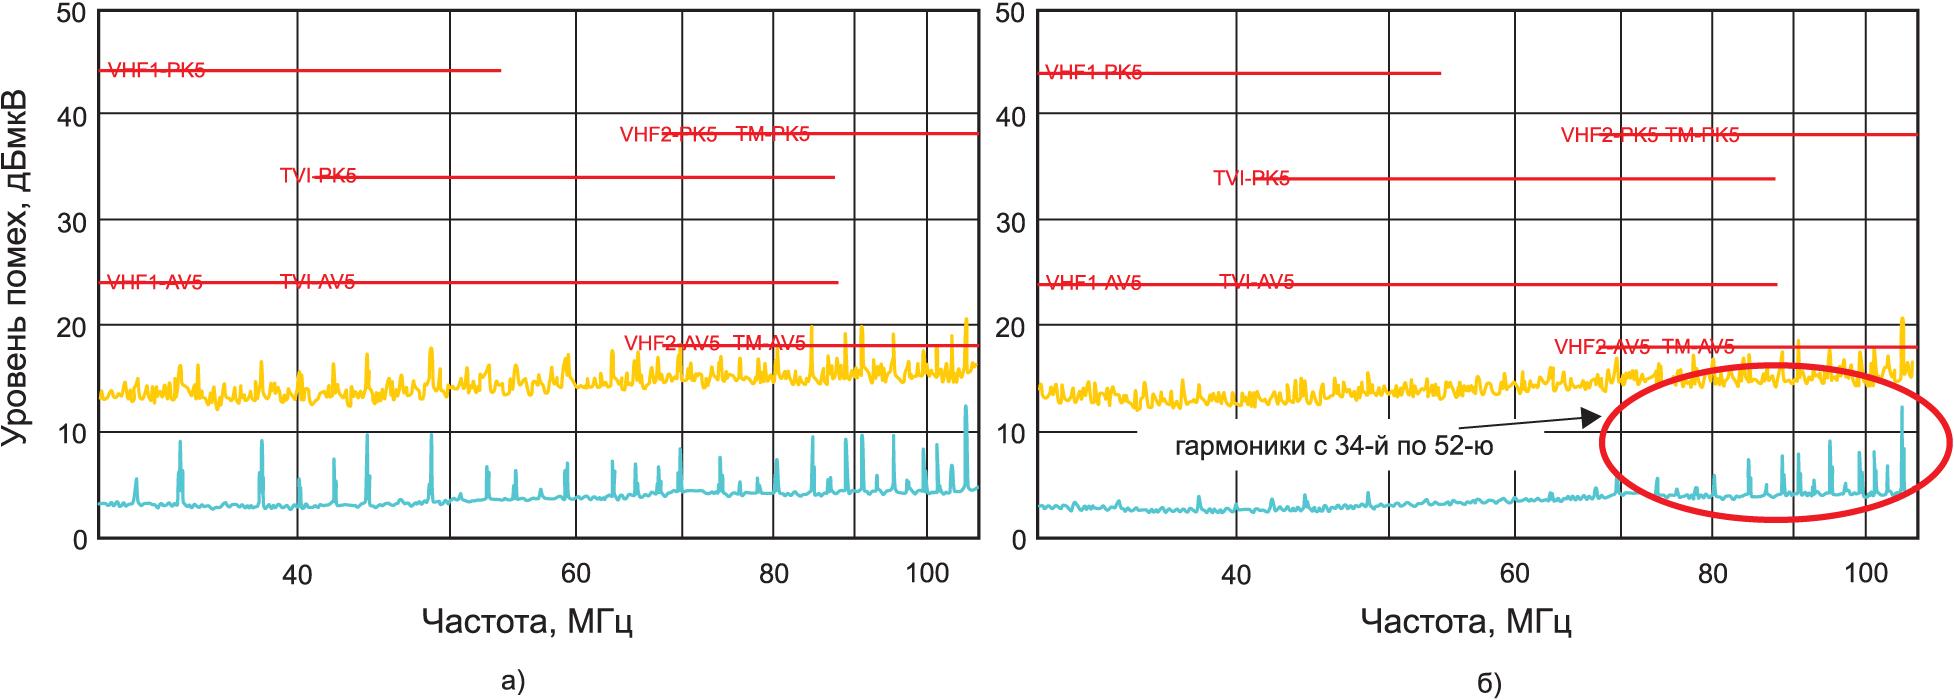 Характеристики ЭМП-фильтра без ферритовой бусины и с ферритовой бусиной